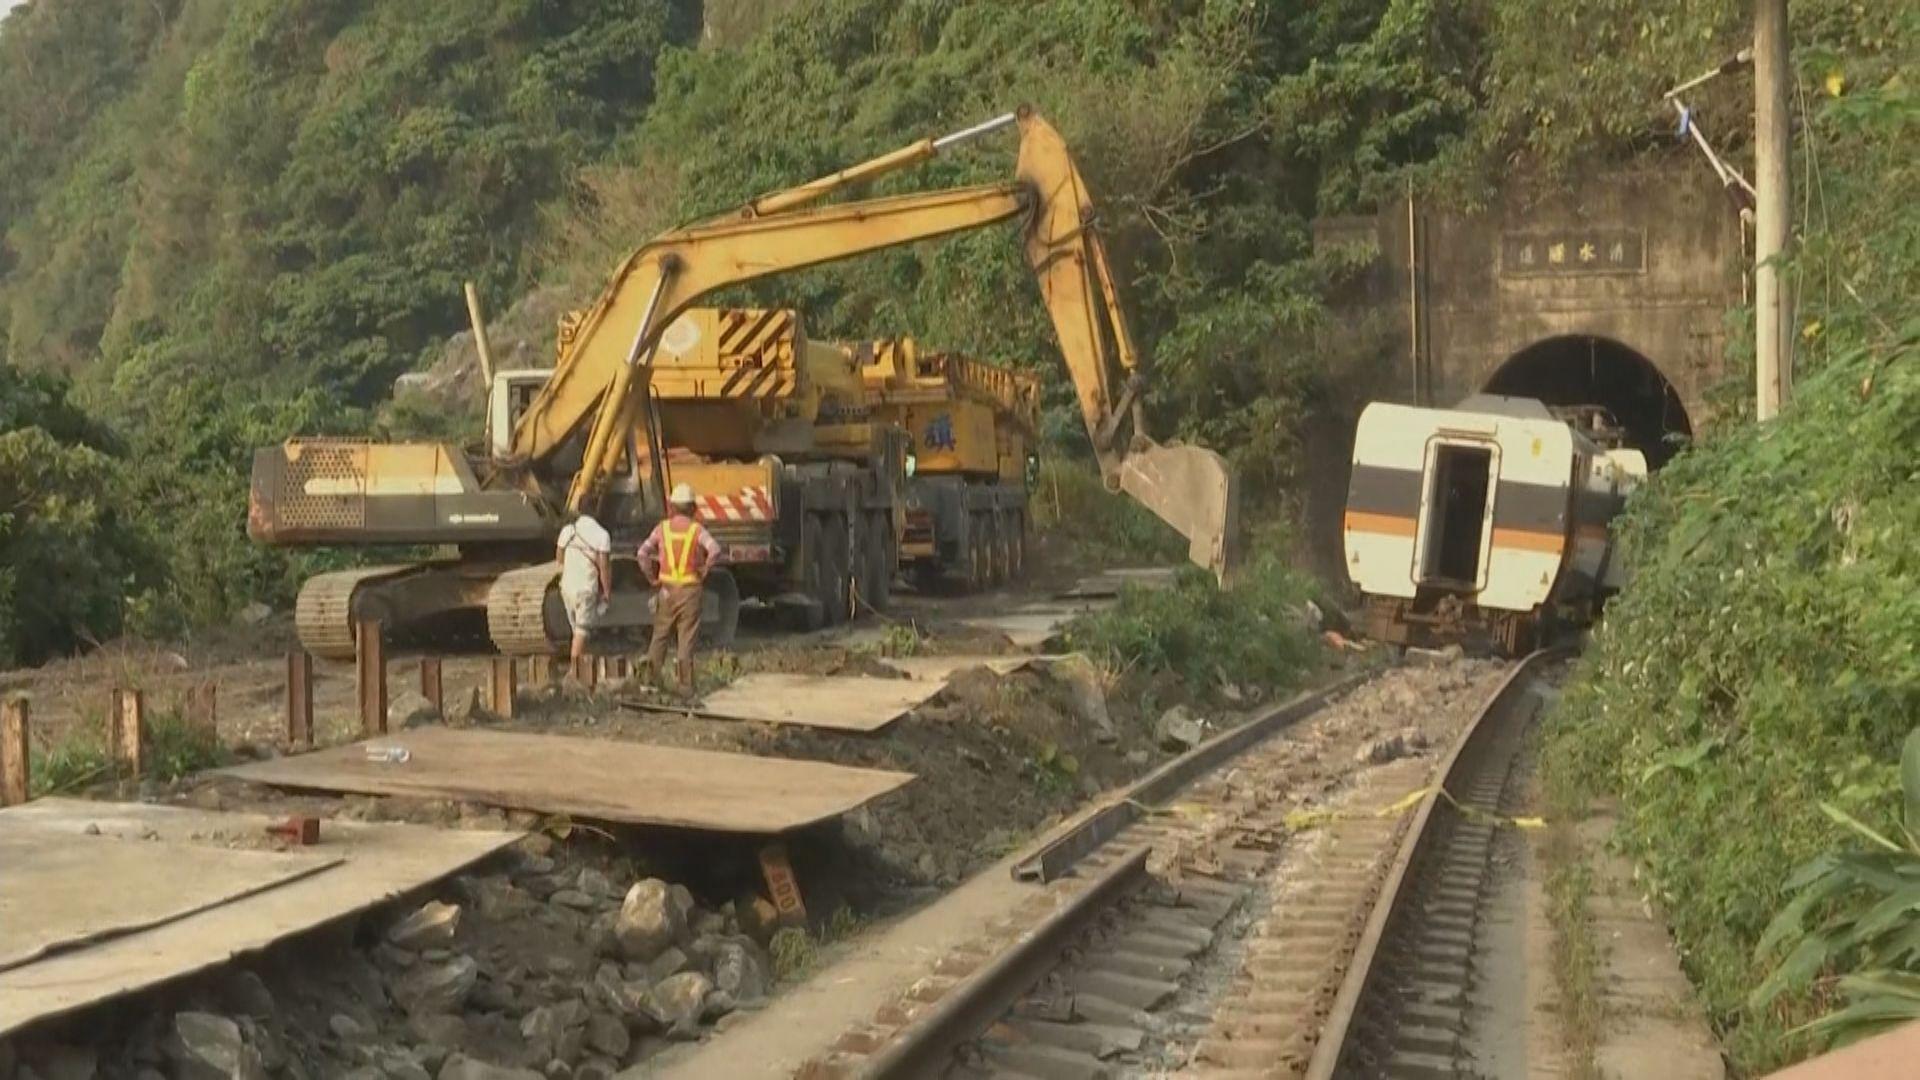 台鐵事故至少50死 習近平向遇難同胞表示深切哀悼